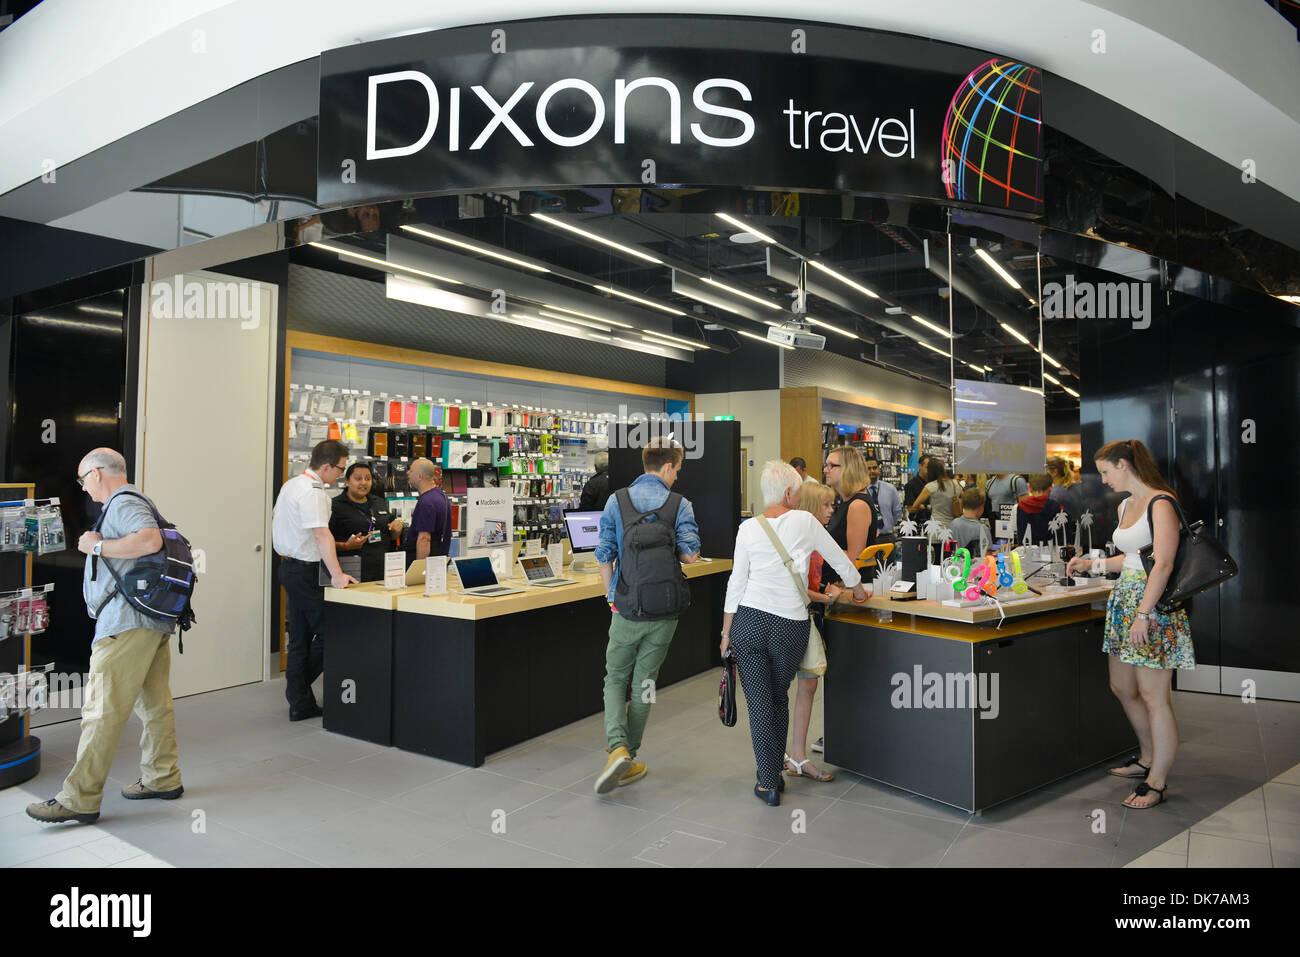 Dixons Travel shop at Gatwick Airport, Britain, UK Stock